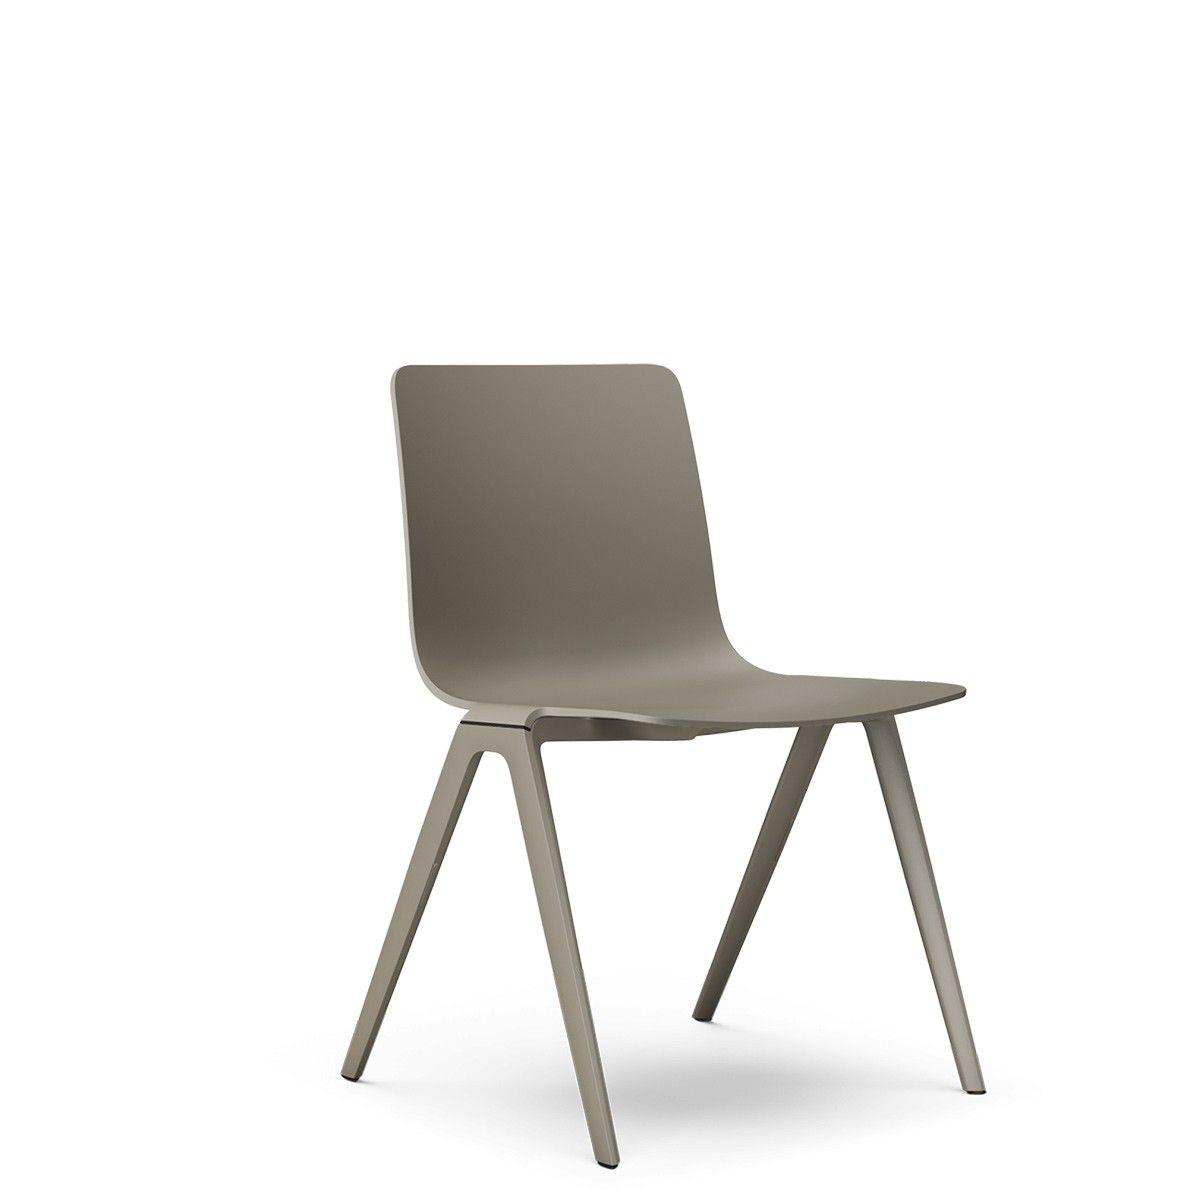 Brunner A-chair Stapelstuhl   BB_SEAT   Pinterest